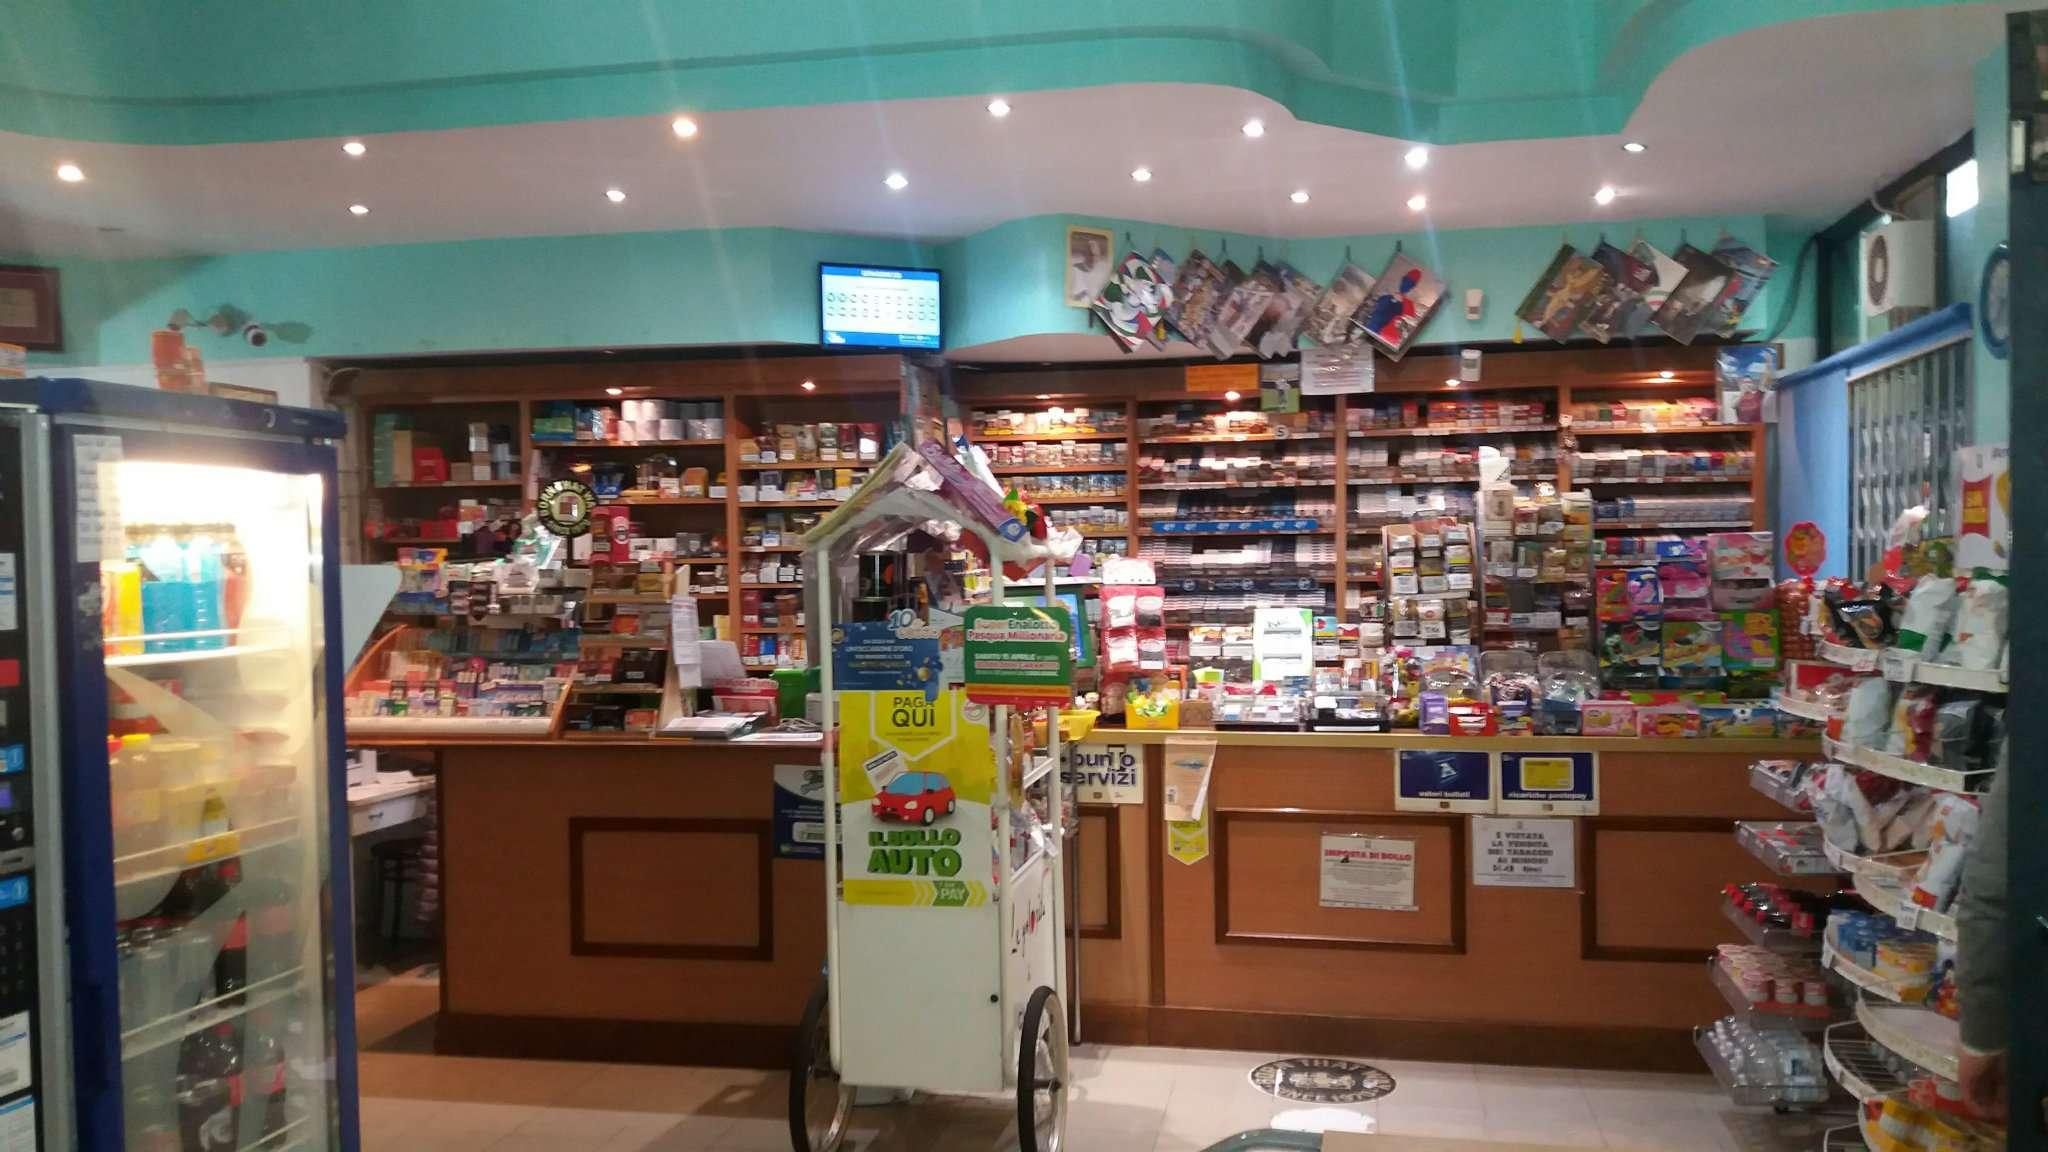 Tabacchi / Ricevitoria in vendita a Asti, 9999 locali, Trattative riservate | Cambio Casa.it